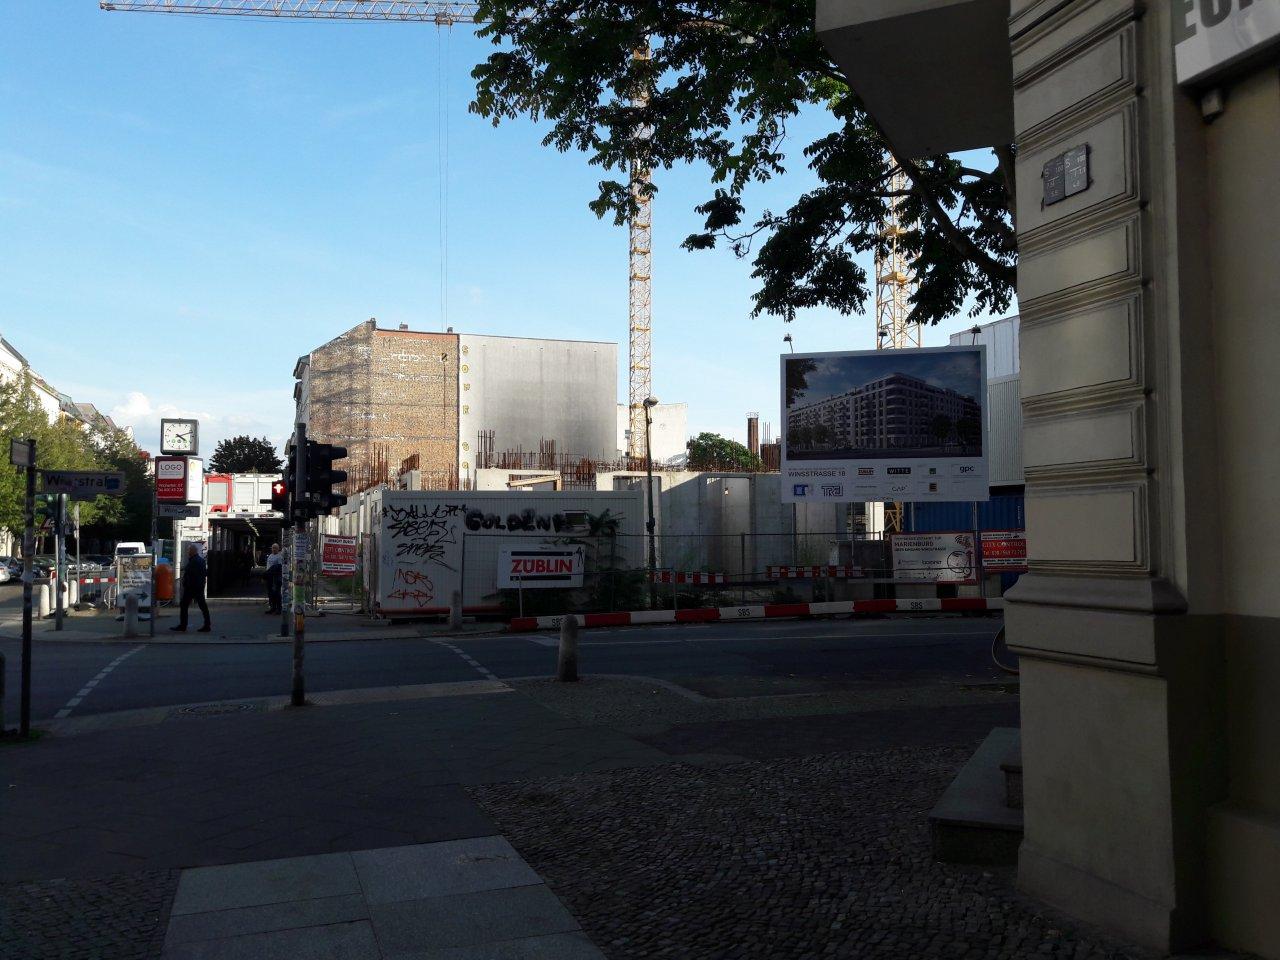 Winsstrasse-Marienburger-Baustelle.jpg